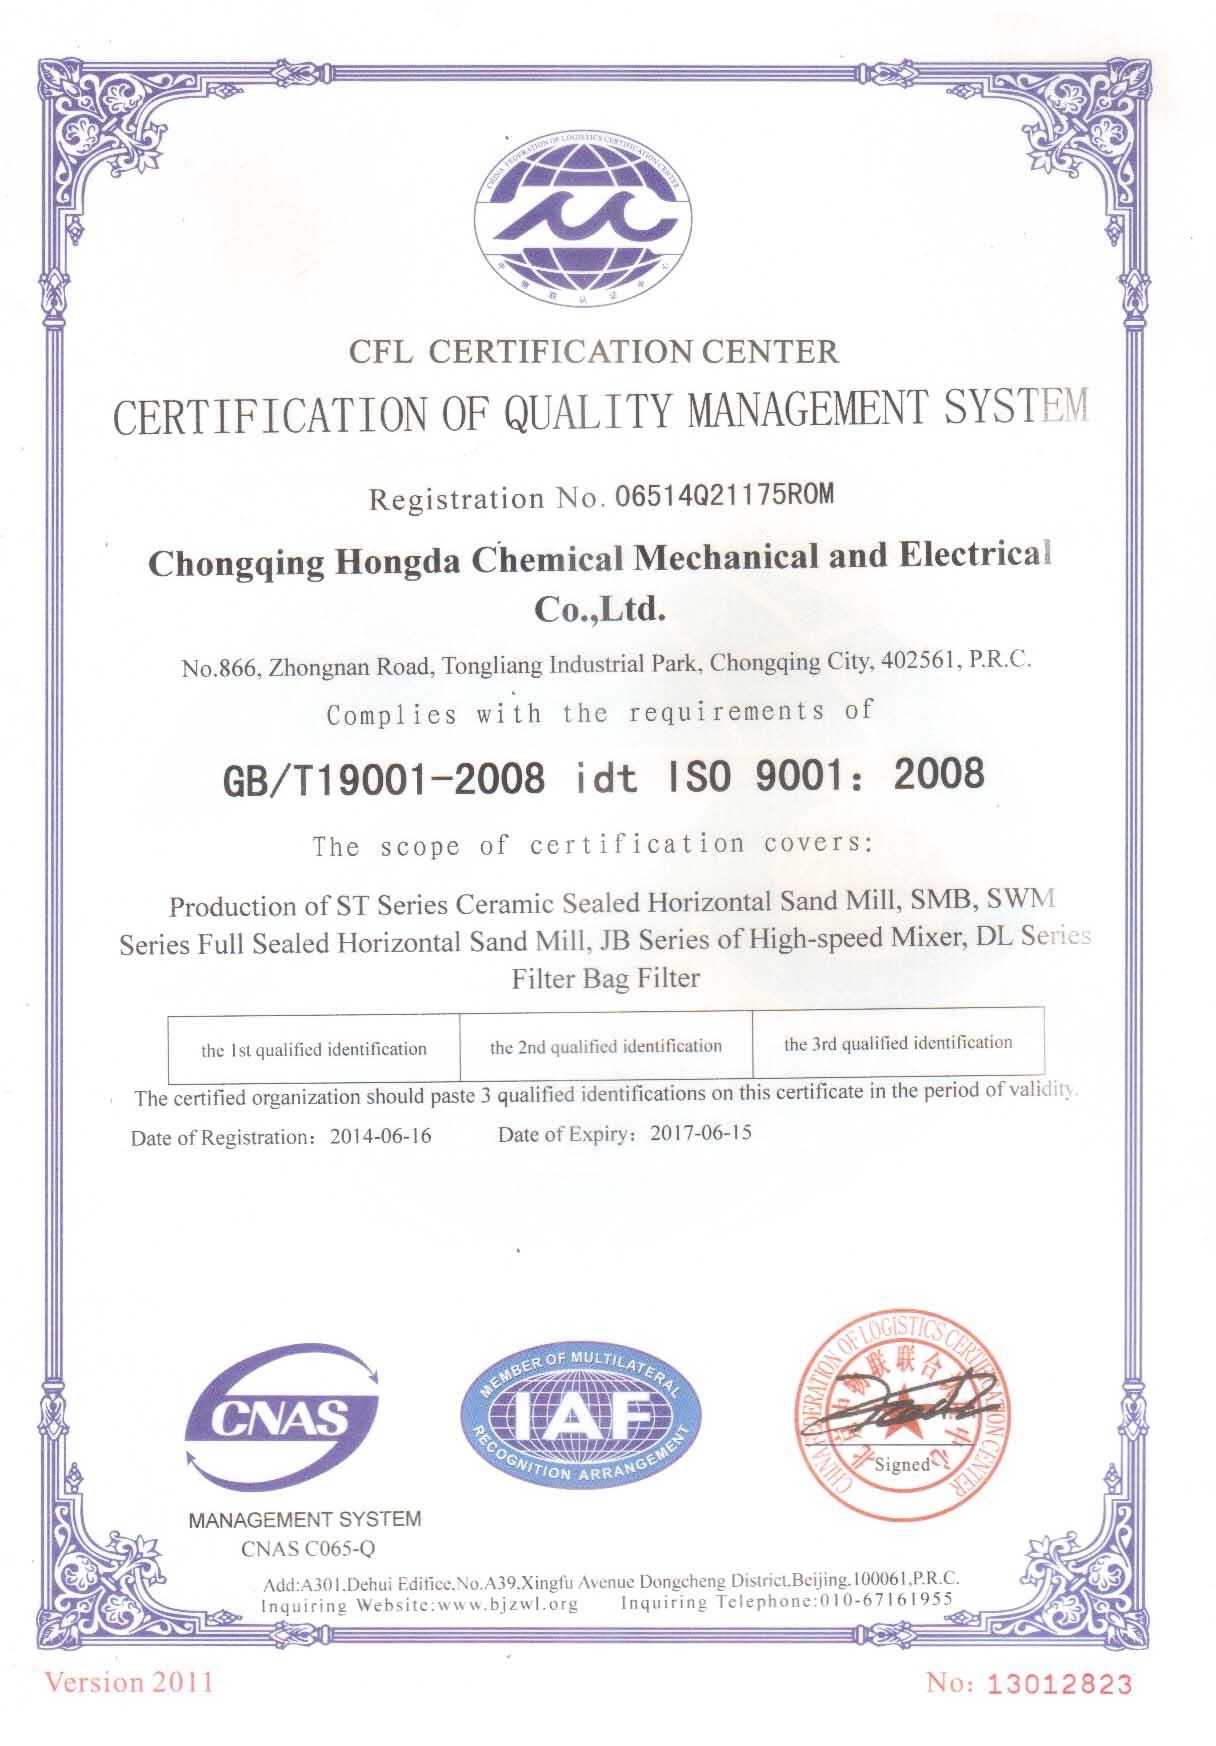 砂磨机ISO900认证(英文)